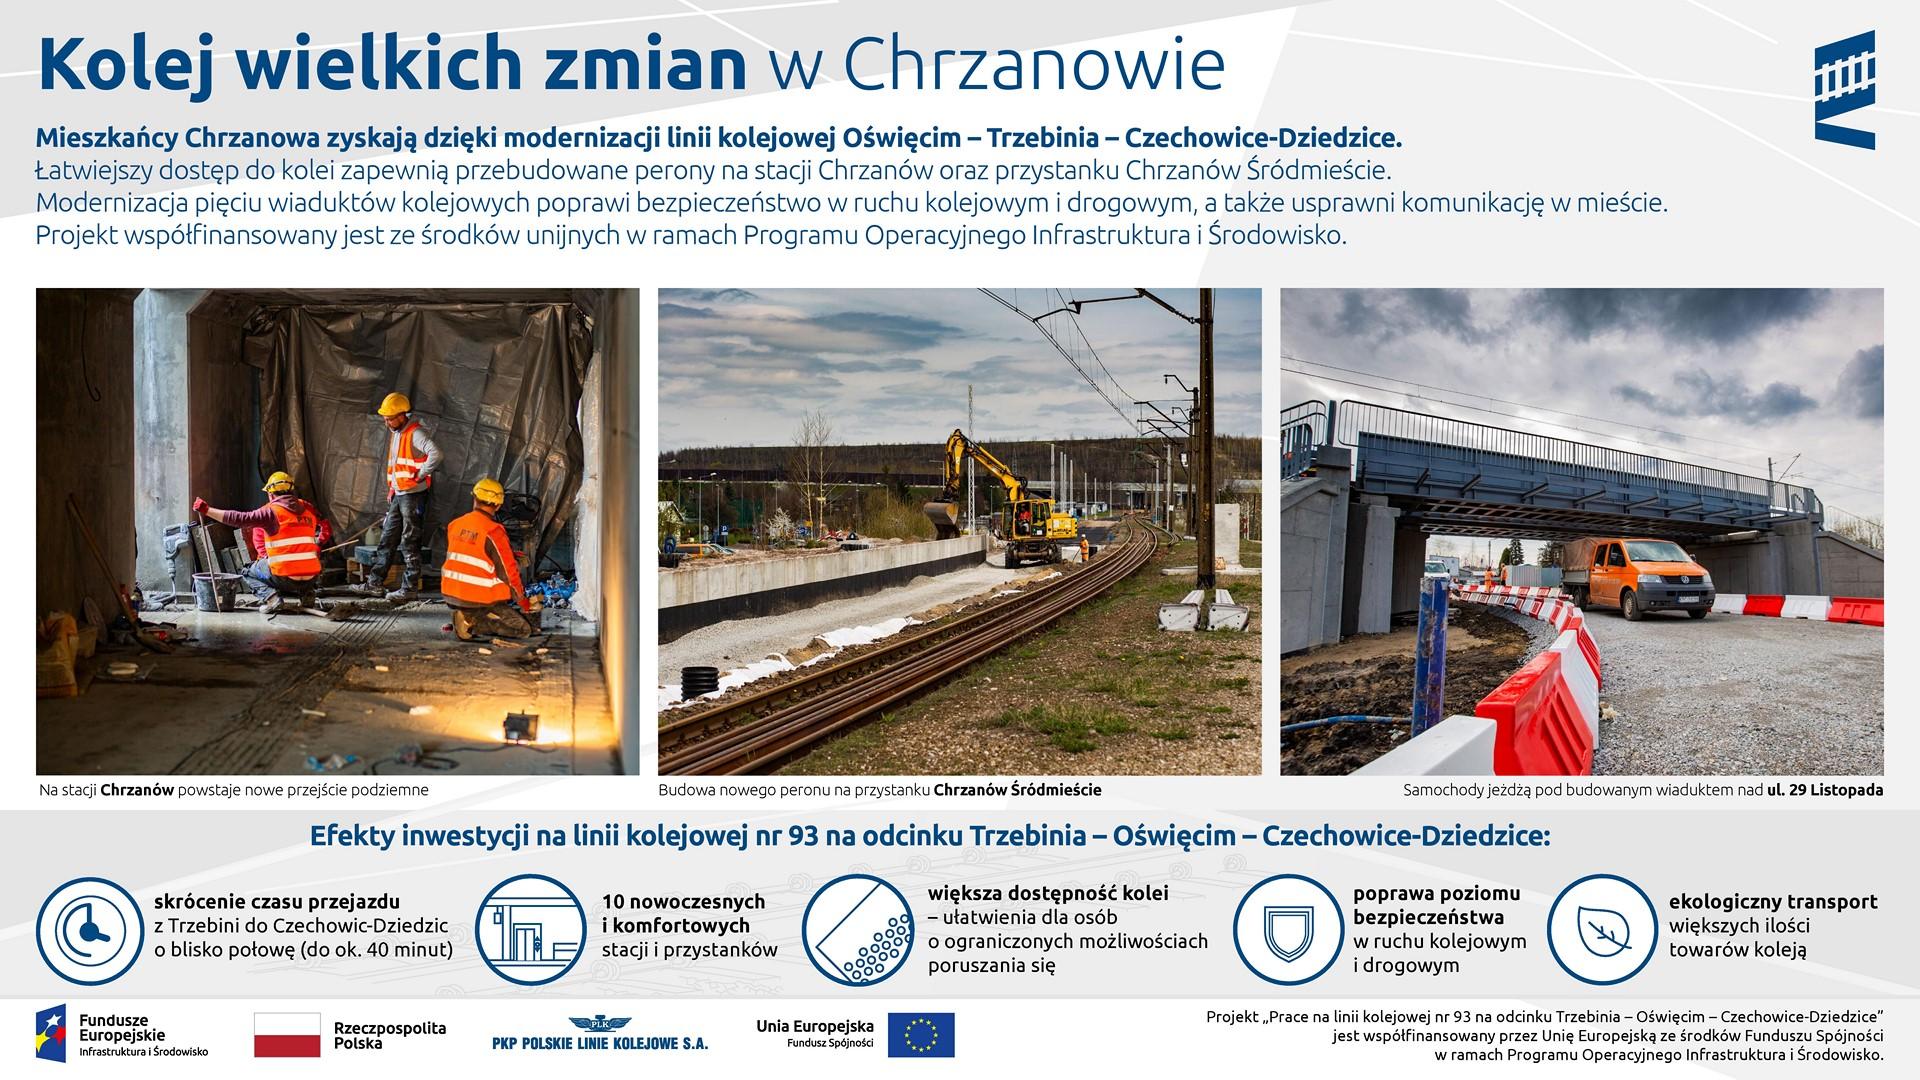 Infografika informuje o zmianach jakie się odbywają na teranie Chrzanowa w związku z pracami PKP Polskich Linii Kolejowych.